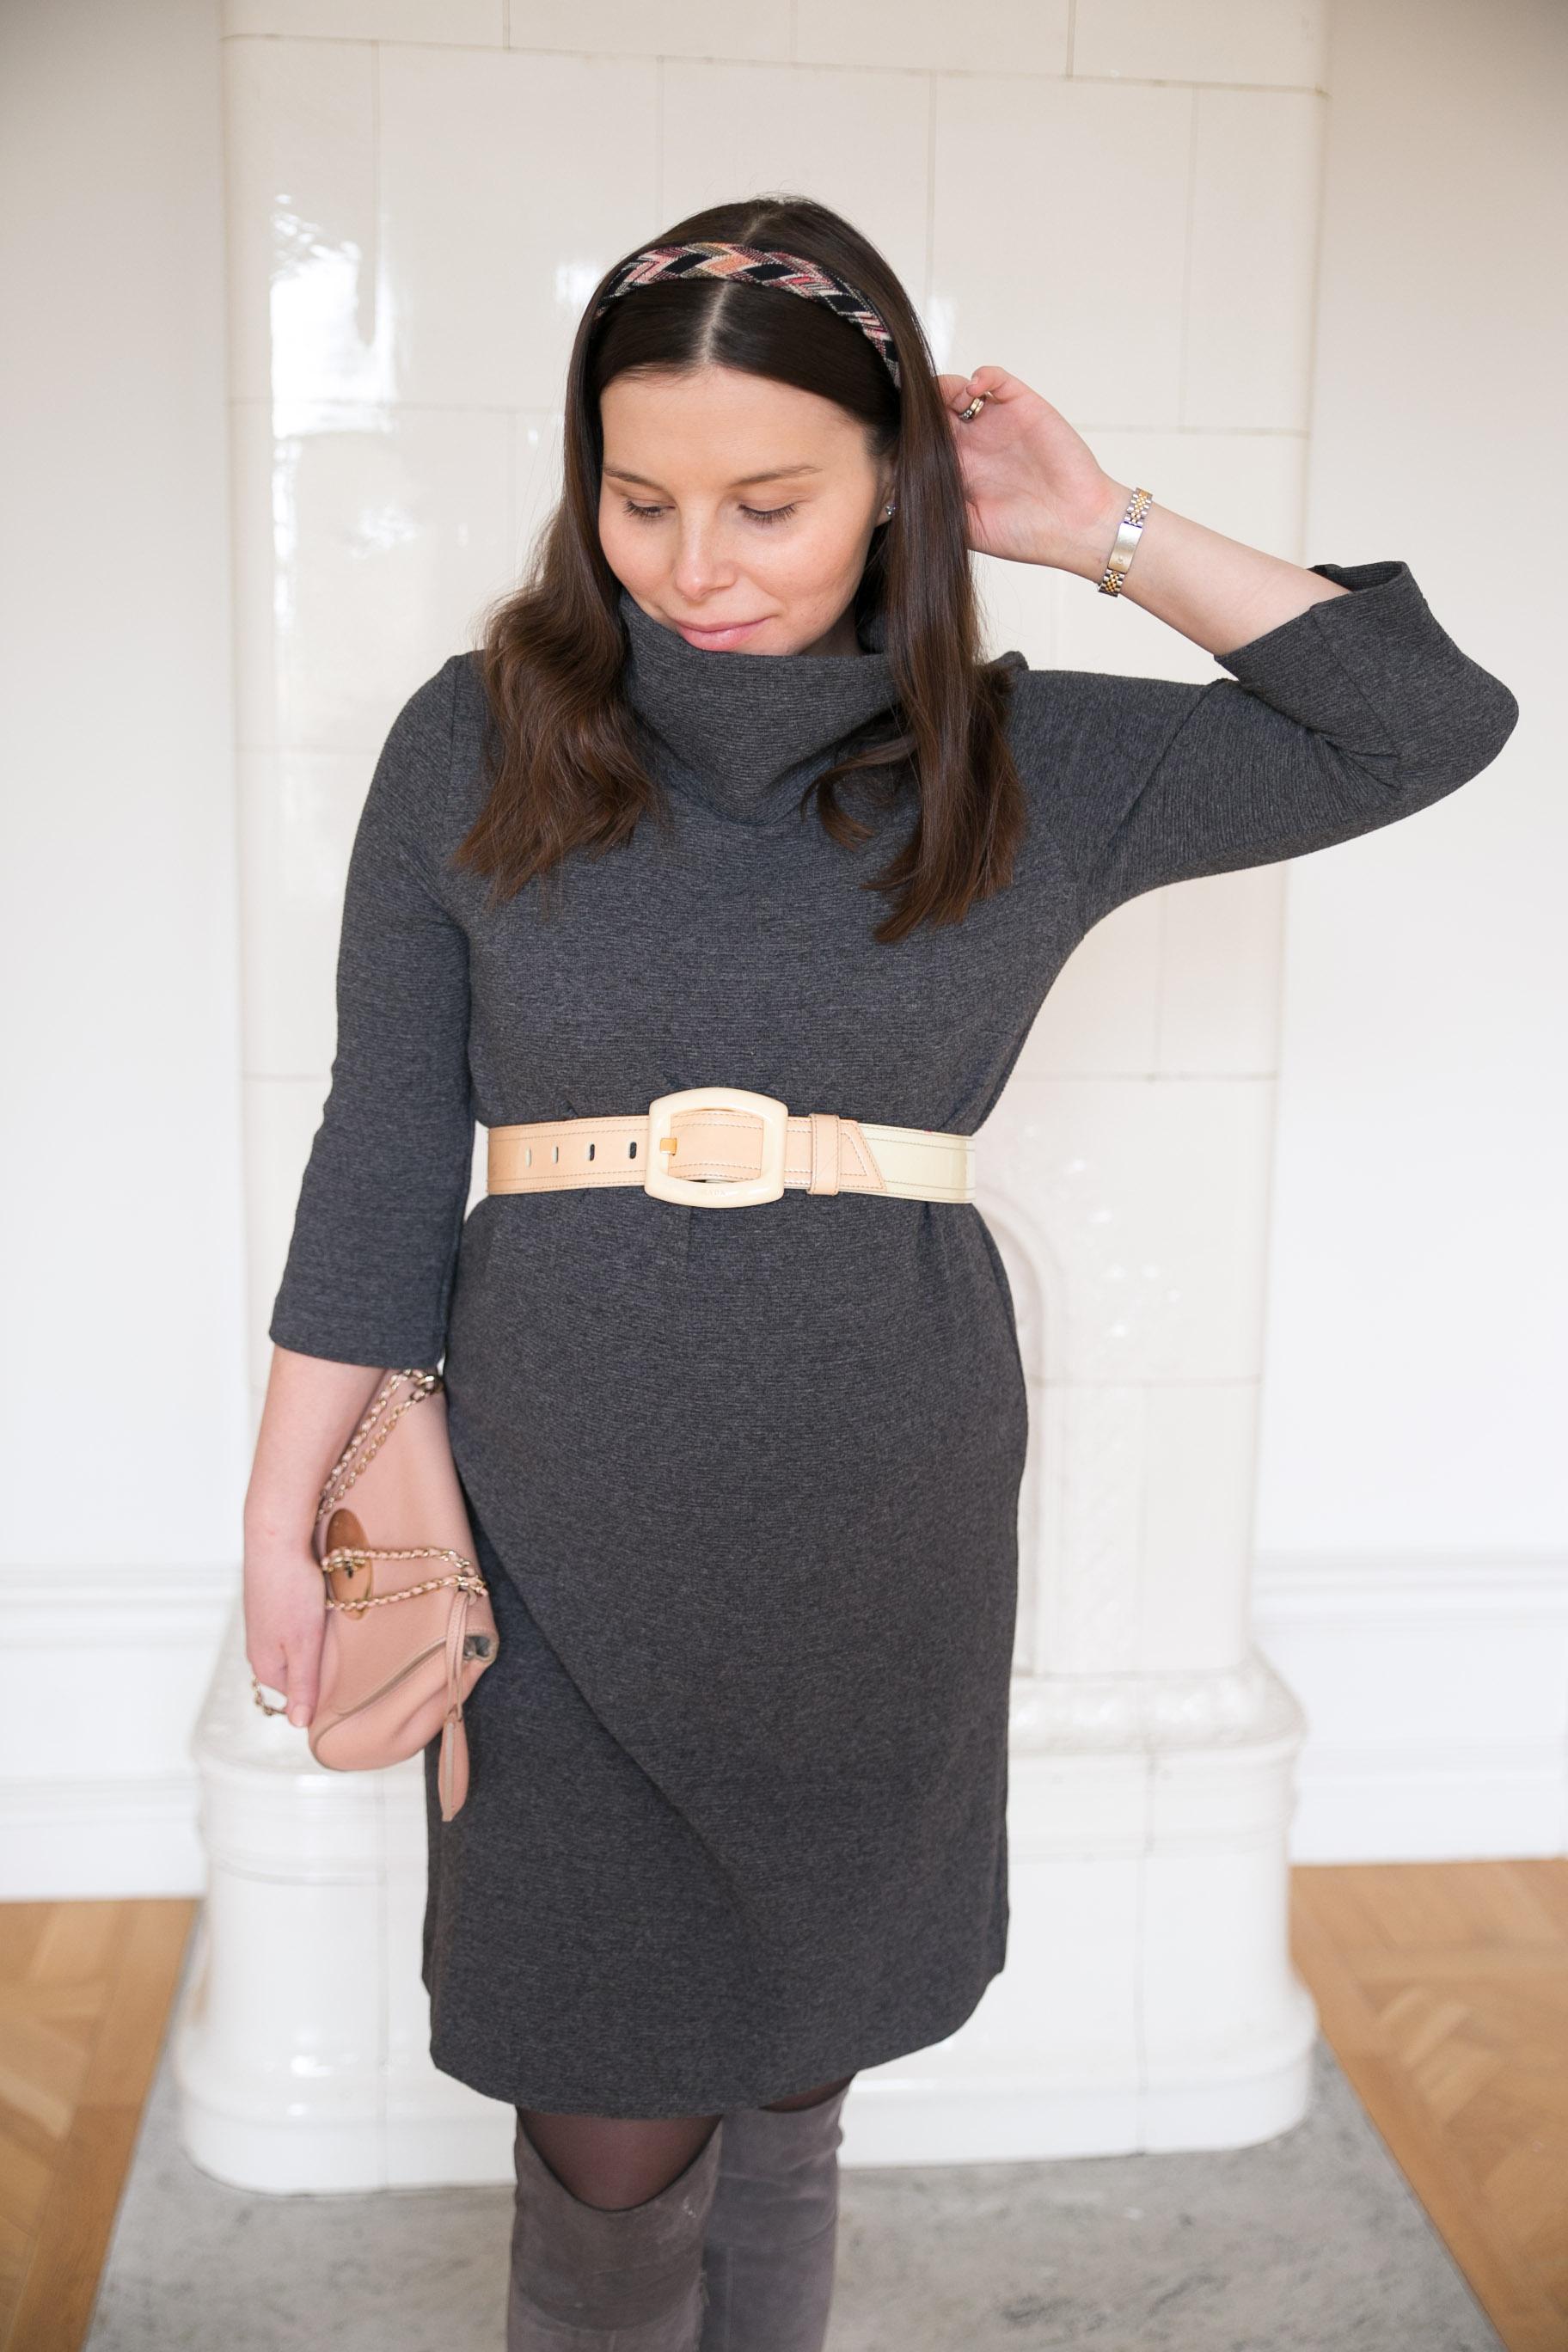 Angelica Aurell Angelicas Closet gravid.jpg